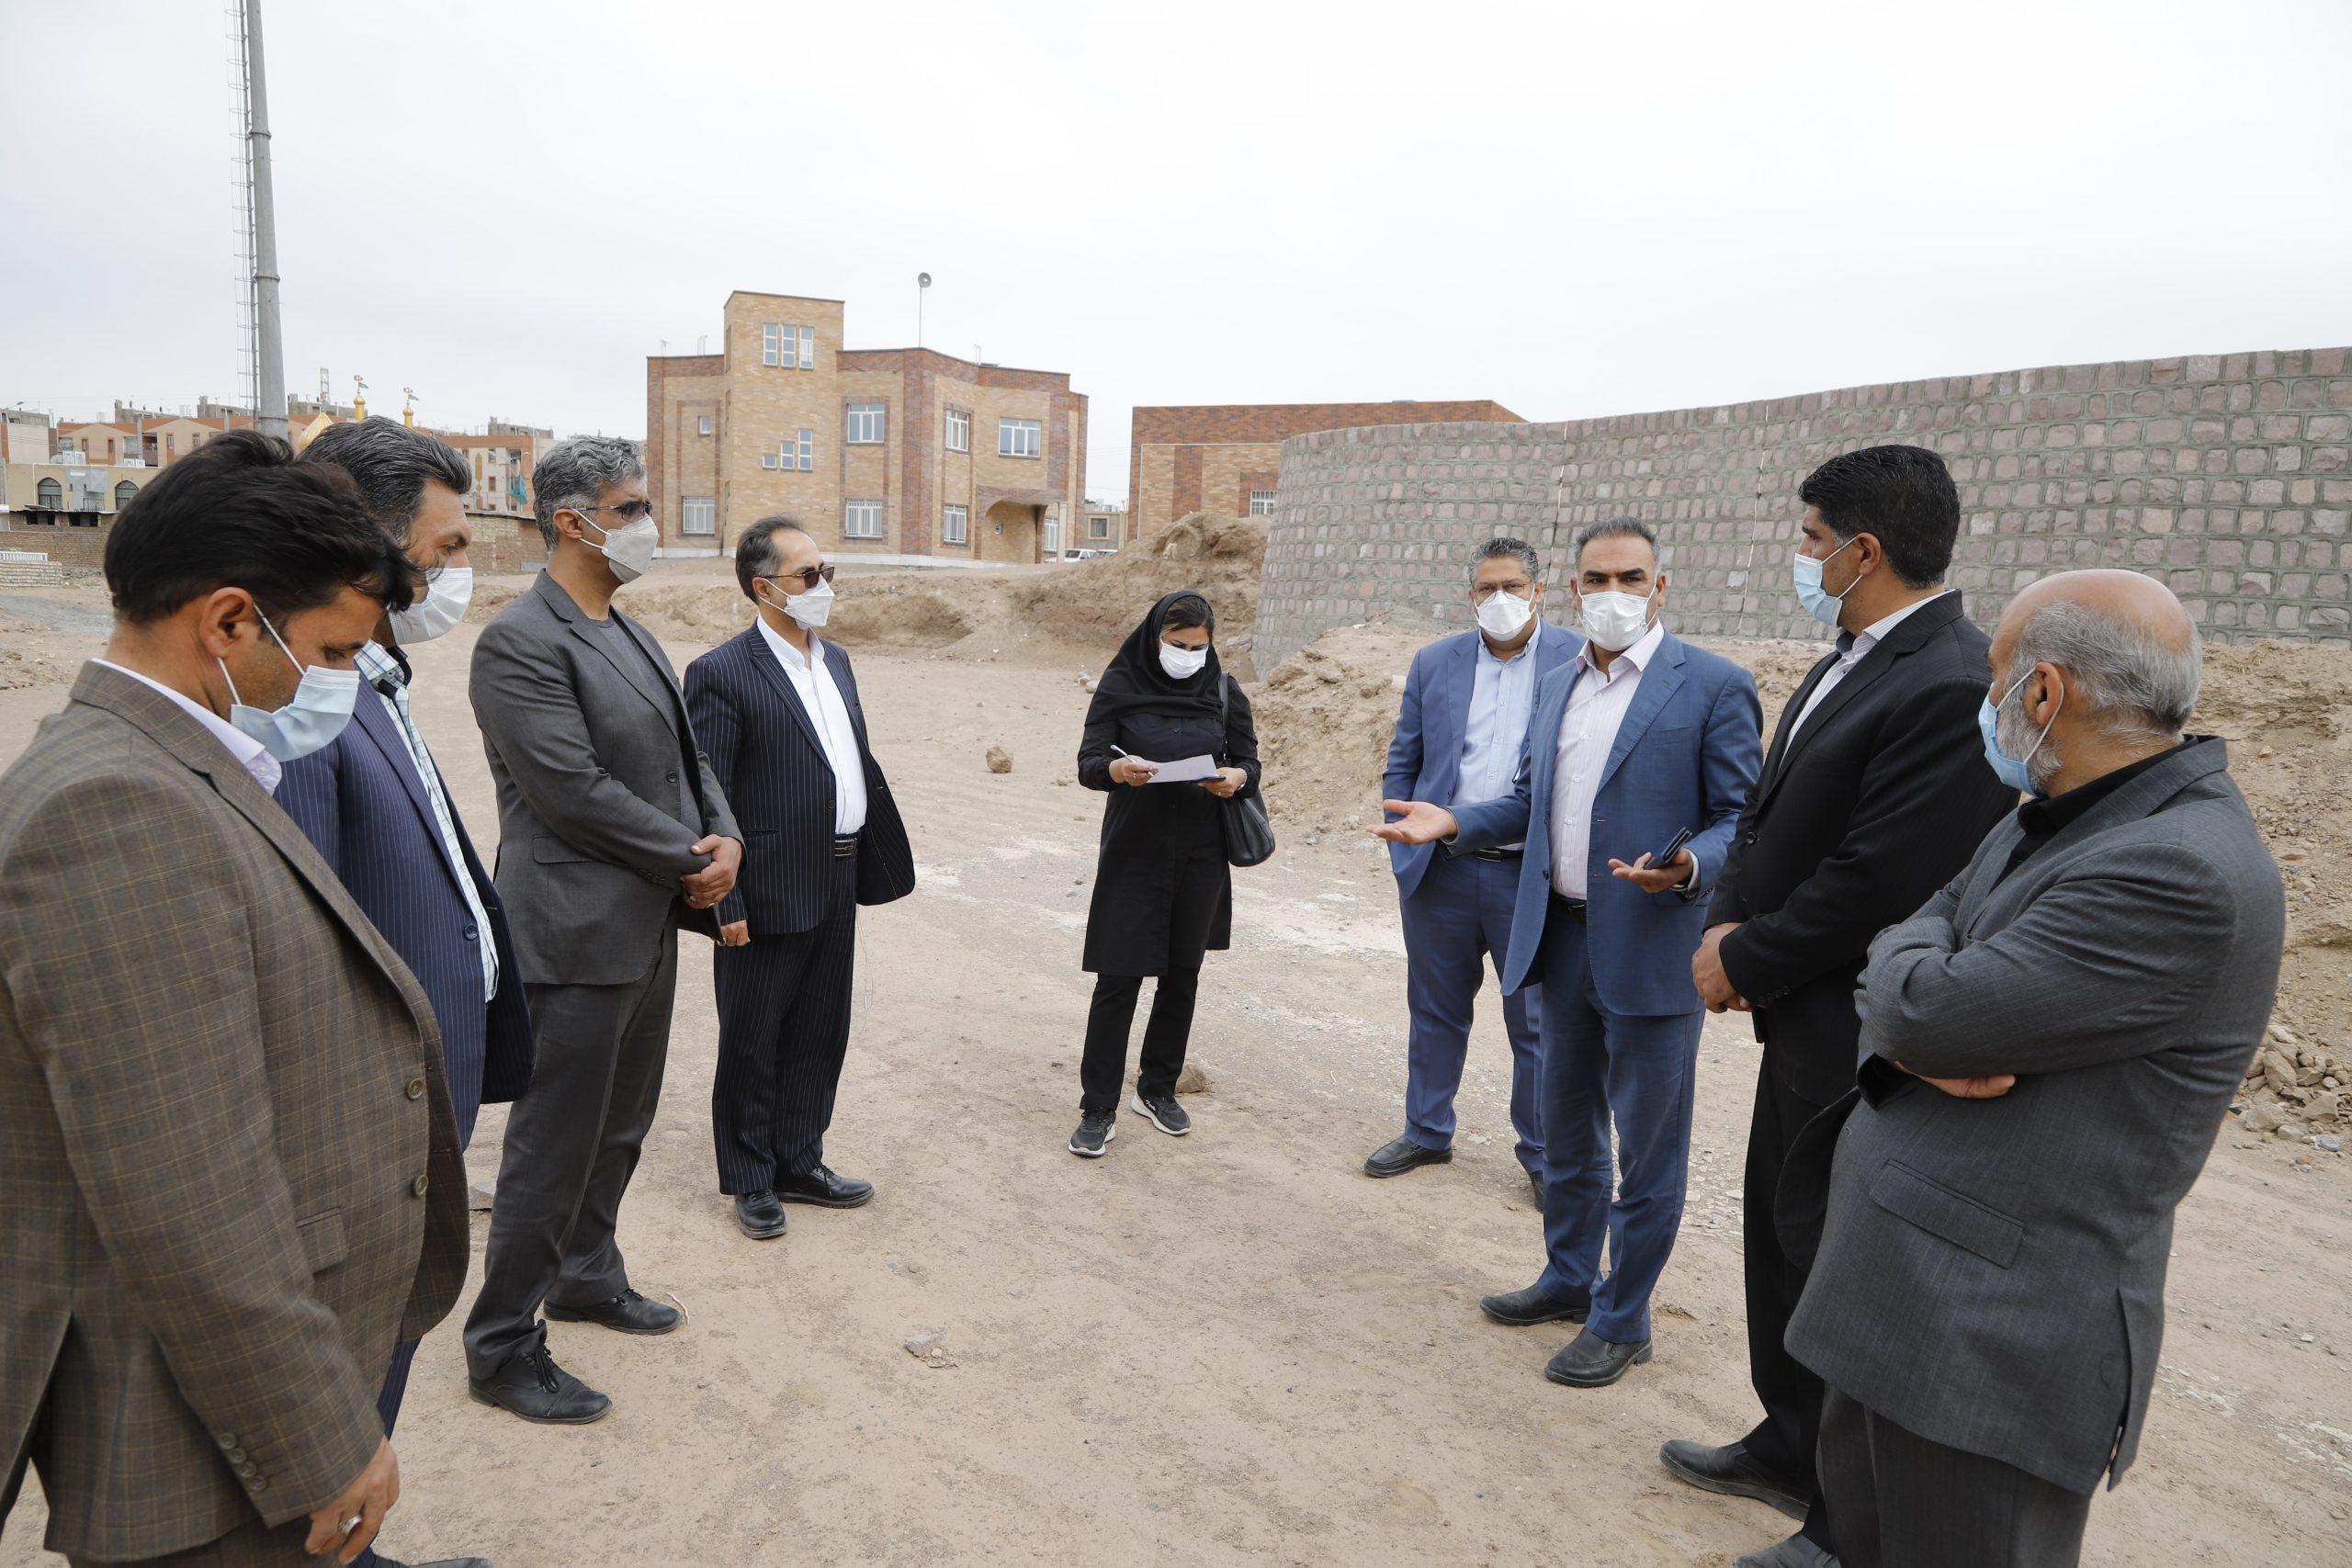 در بازید شهردار  و مدیران شهرداری از پروژه پارک الهیه بر برنامه ریزی در راستای اجرای فاز یک بوستان الهیه تاکید شد